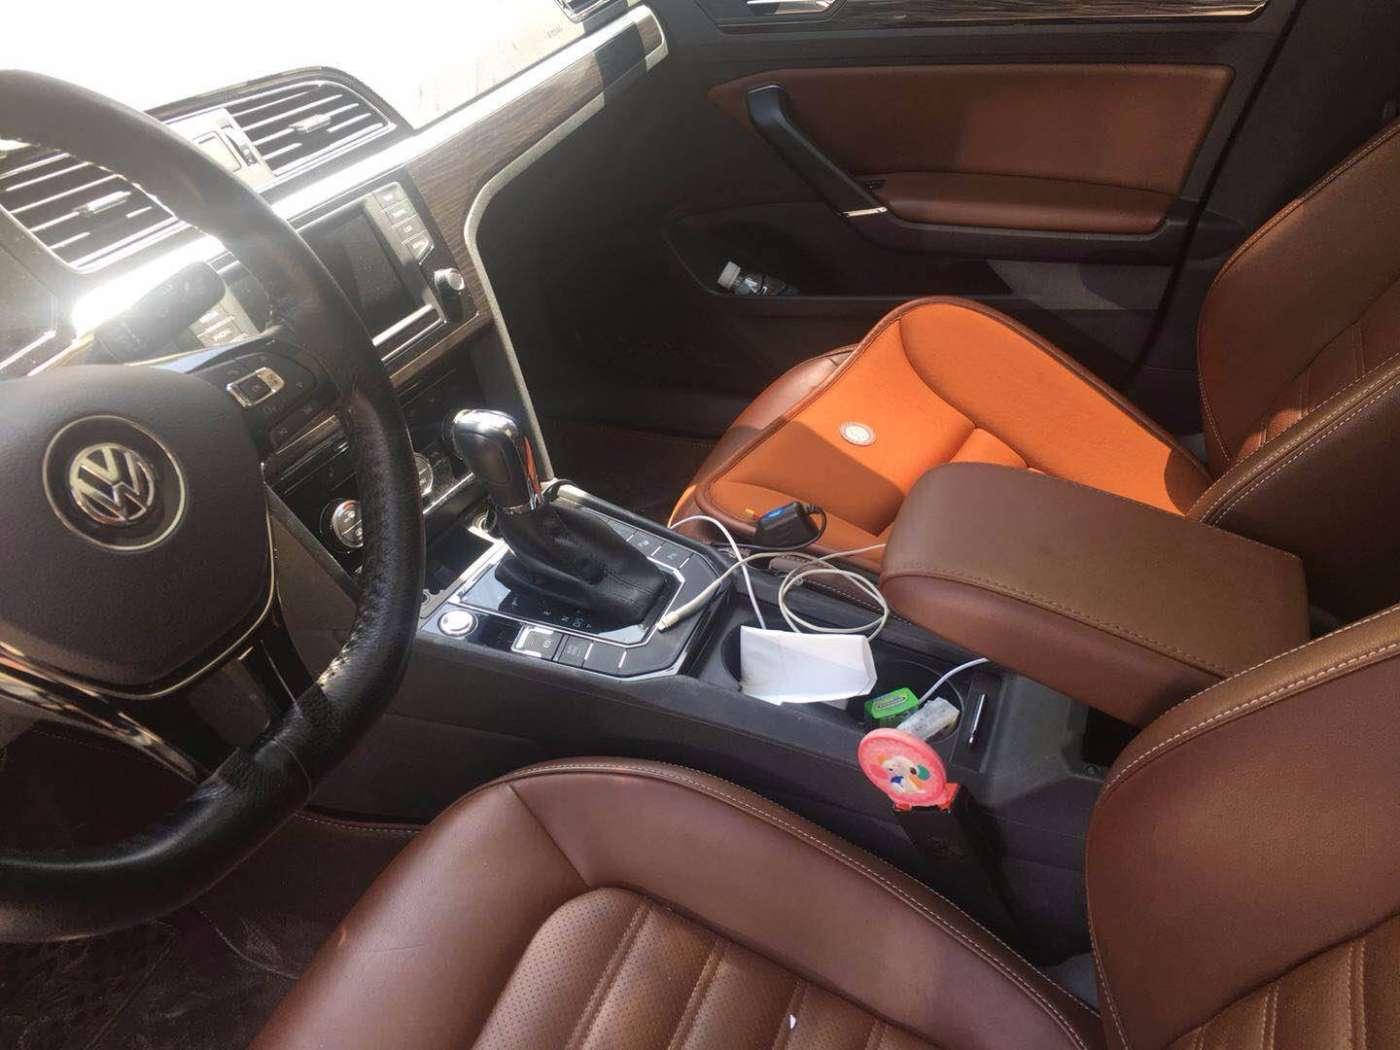 2015年04月 大众 凌渡 2015款 330TSI DSG豪华版|甄选大众-北京卡斯基汽车服务有限公司